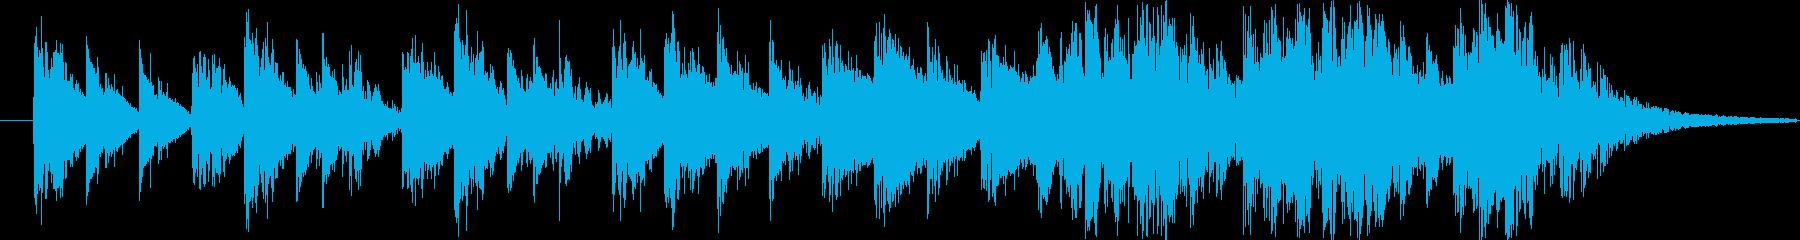 のびのび緩やか系で、印象的なコミカルな曲の再生済みの波形